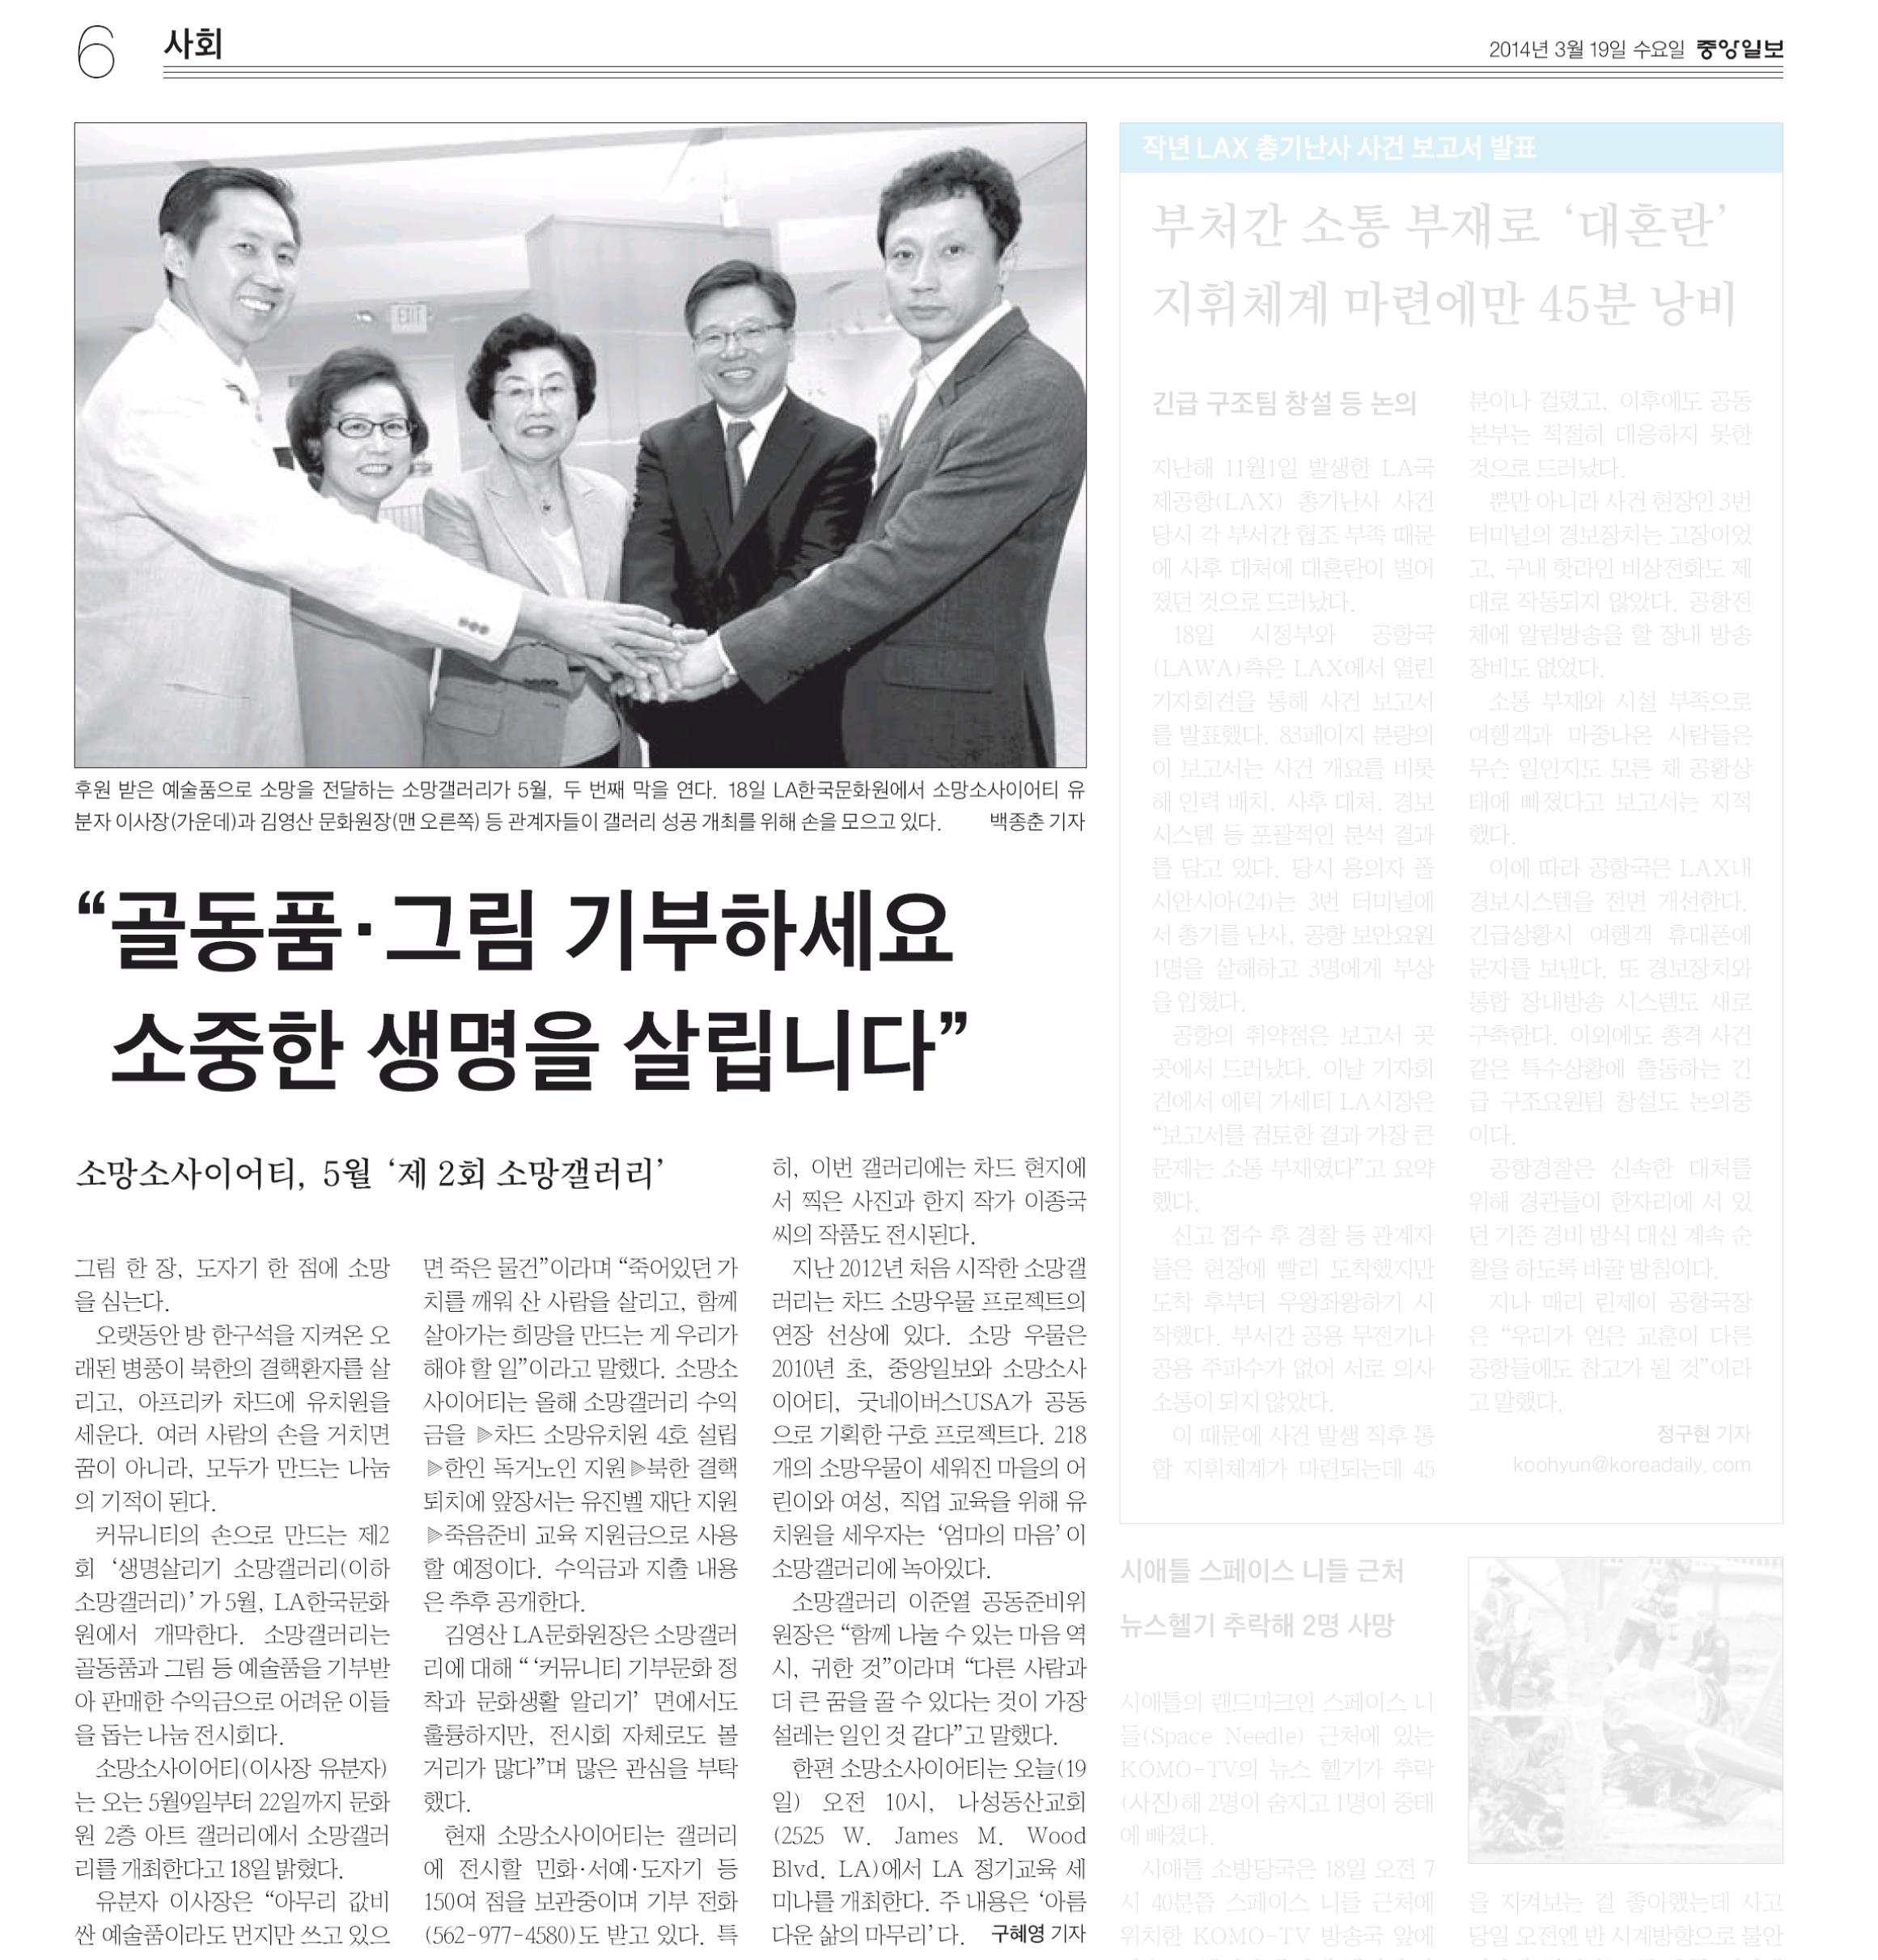 골동품그림 기부하세요 소중한 생명이 살아납니다 2014년 3월 19일  중앙일보